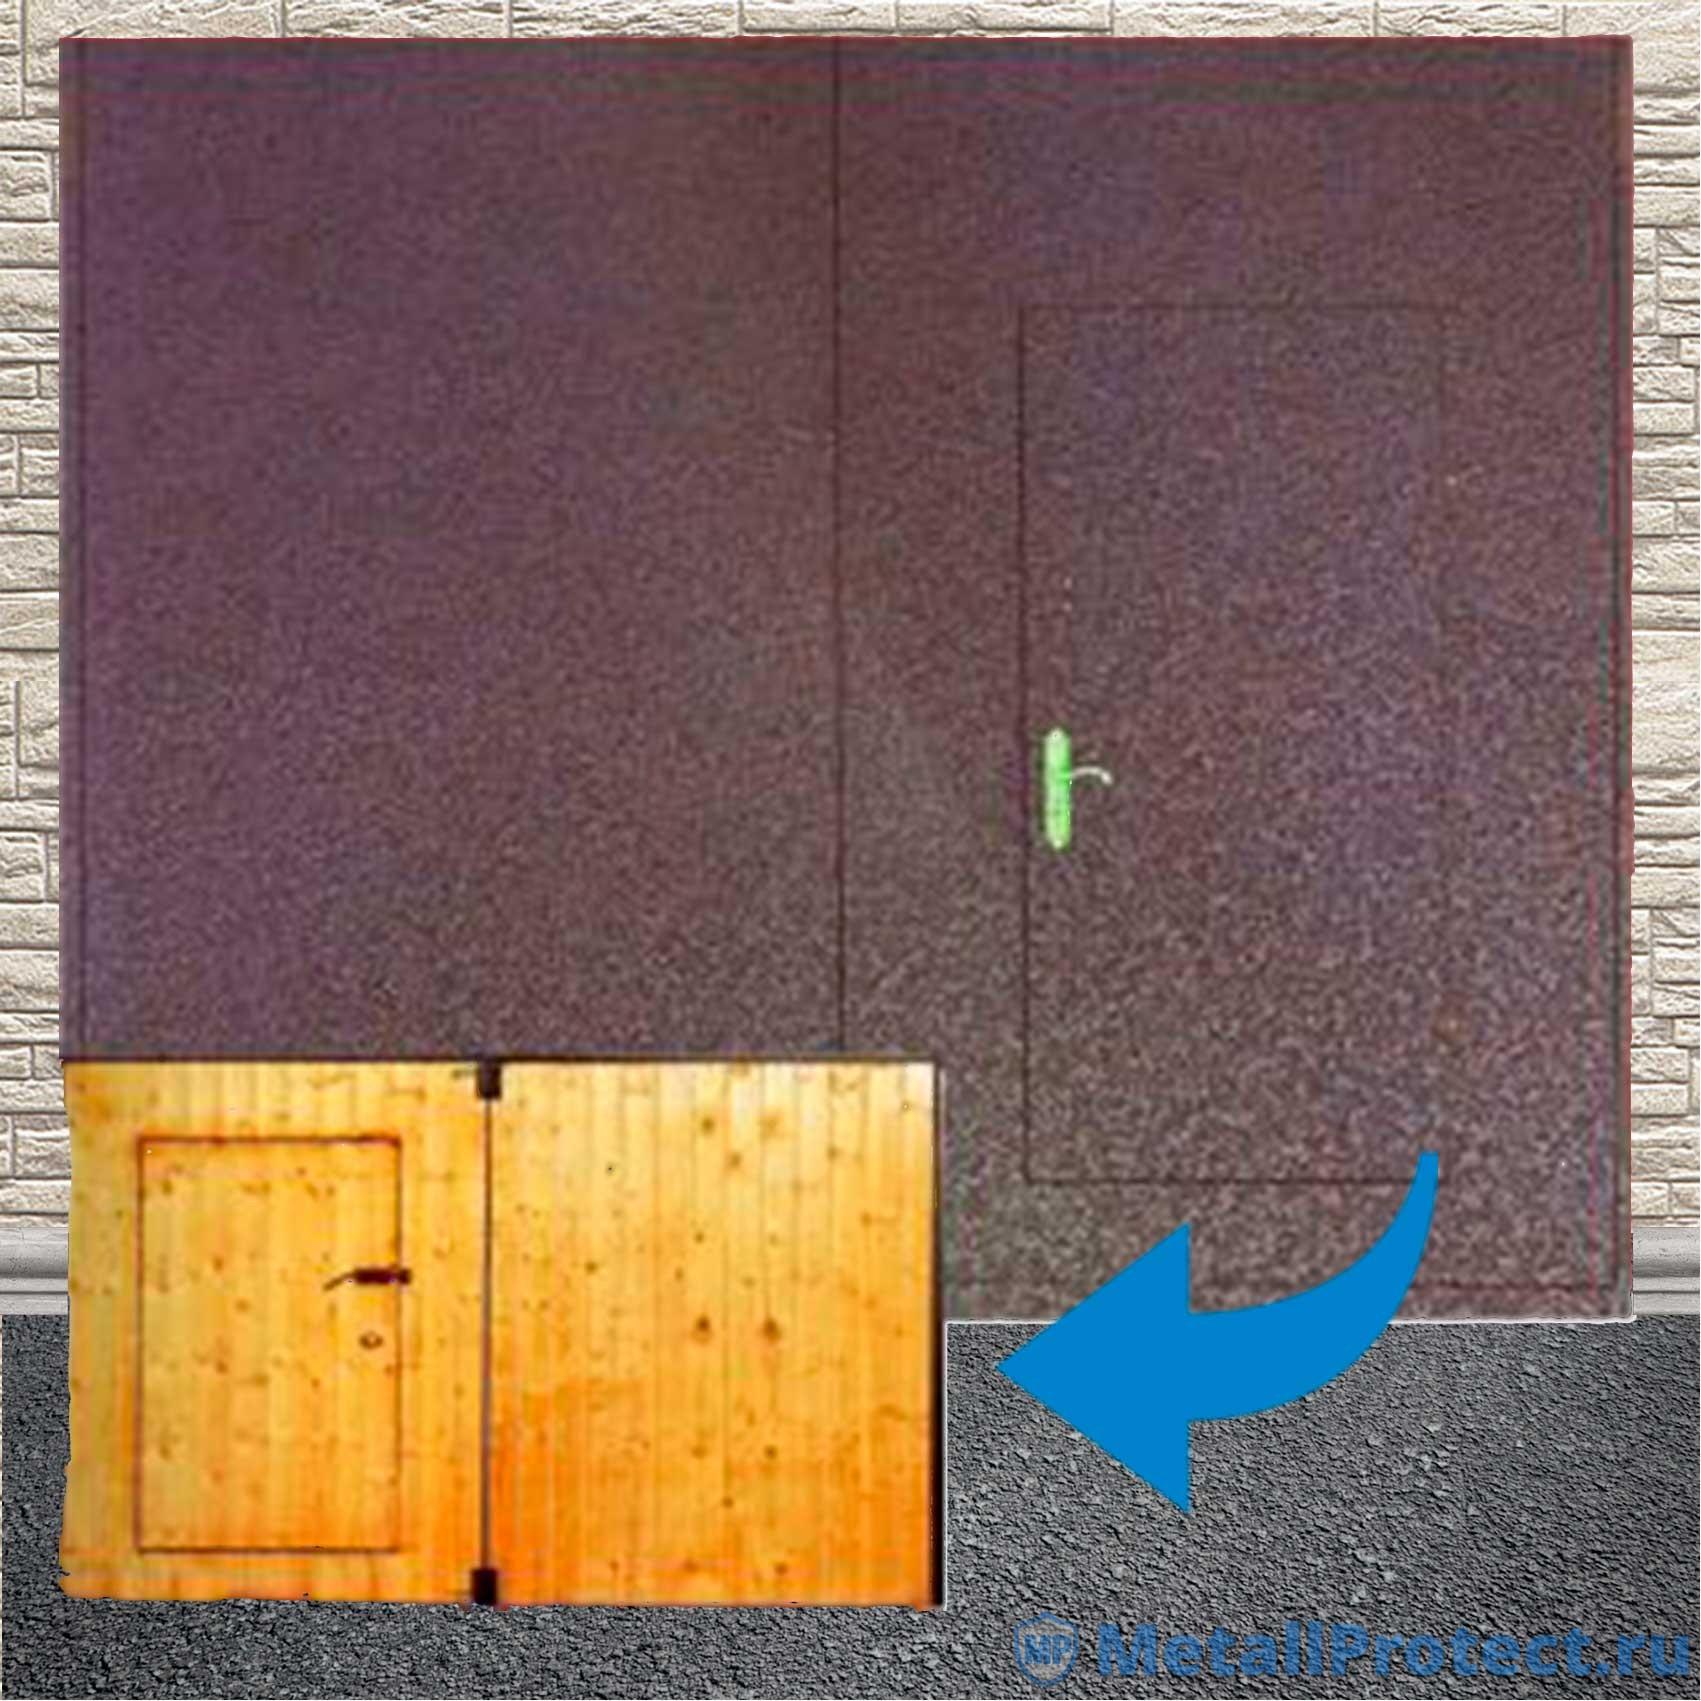 Распашные ворота гаражные с порошковой покраской ВГМП – 006 (Калитка, утеплённые, окрас – порошок, отделка – вагонка, рама – уголок, штыри противосъёмные, петли с маслёнкой)